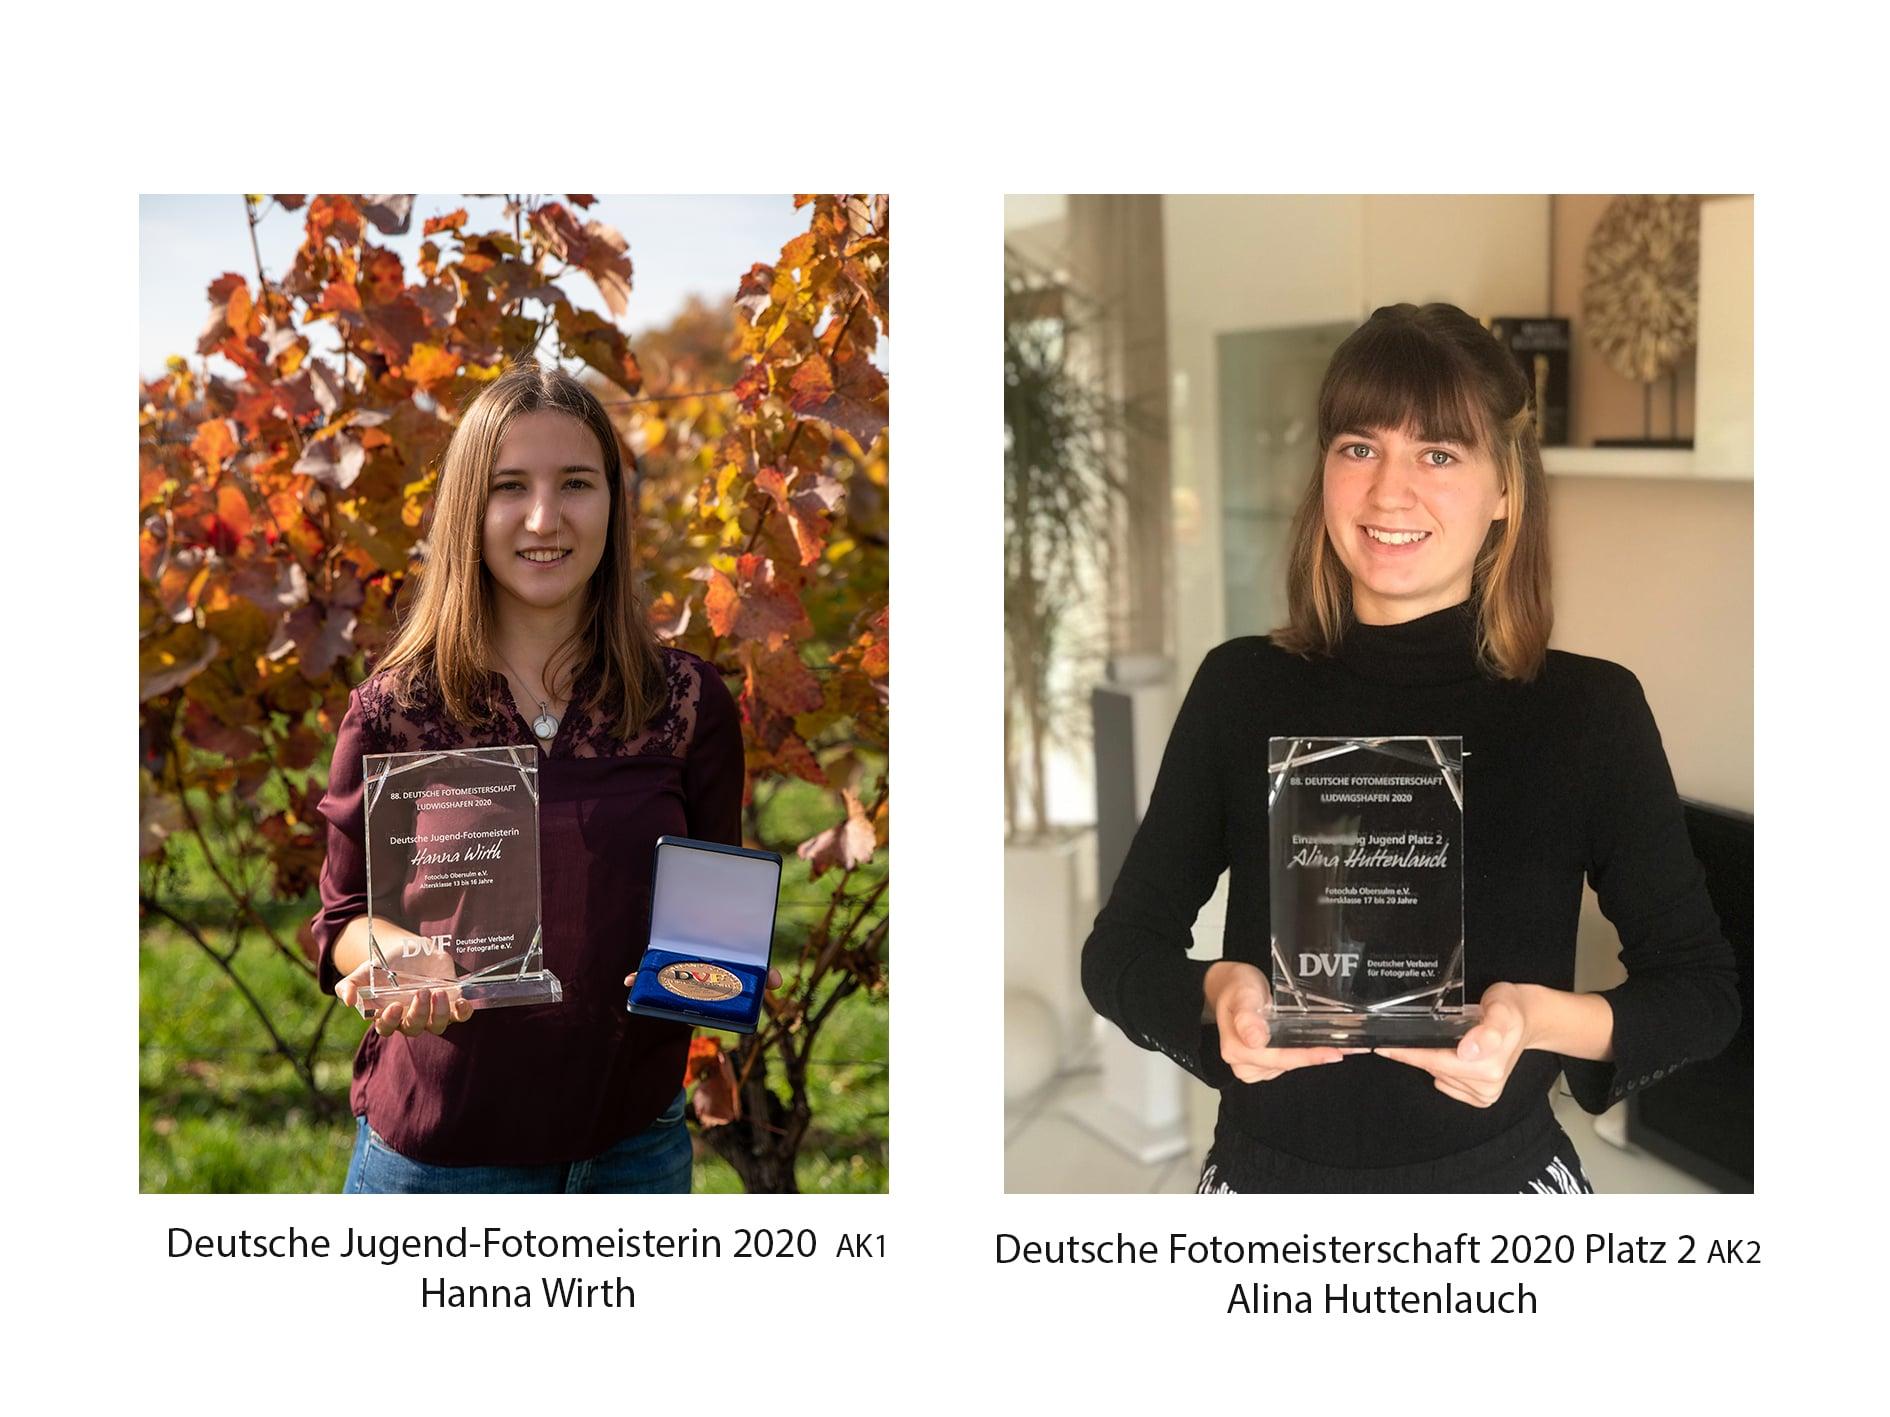 Höchste Auszeichnung für Hanna Wirth bei der Deutschen Fotomeisterschaft 2020